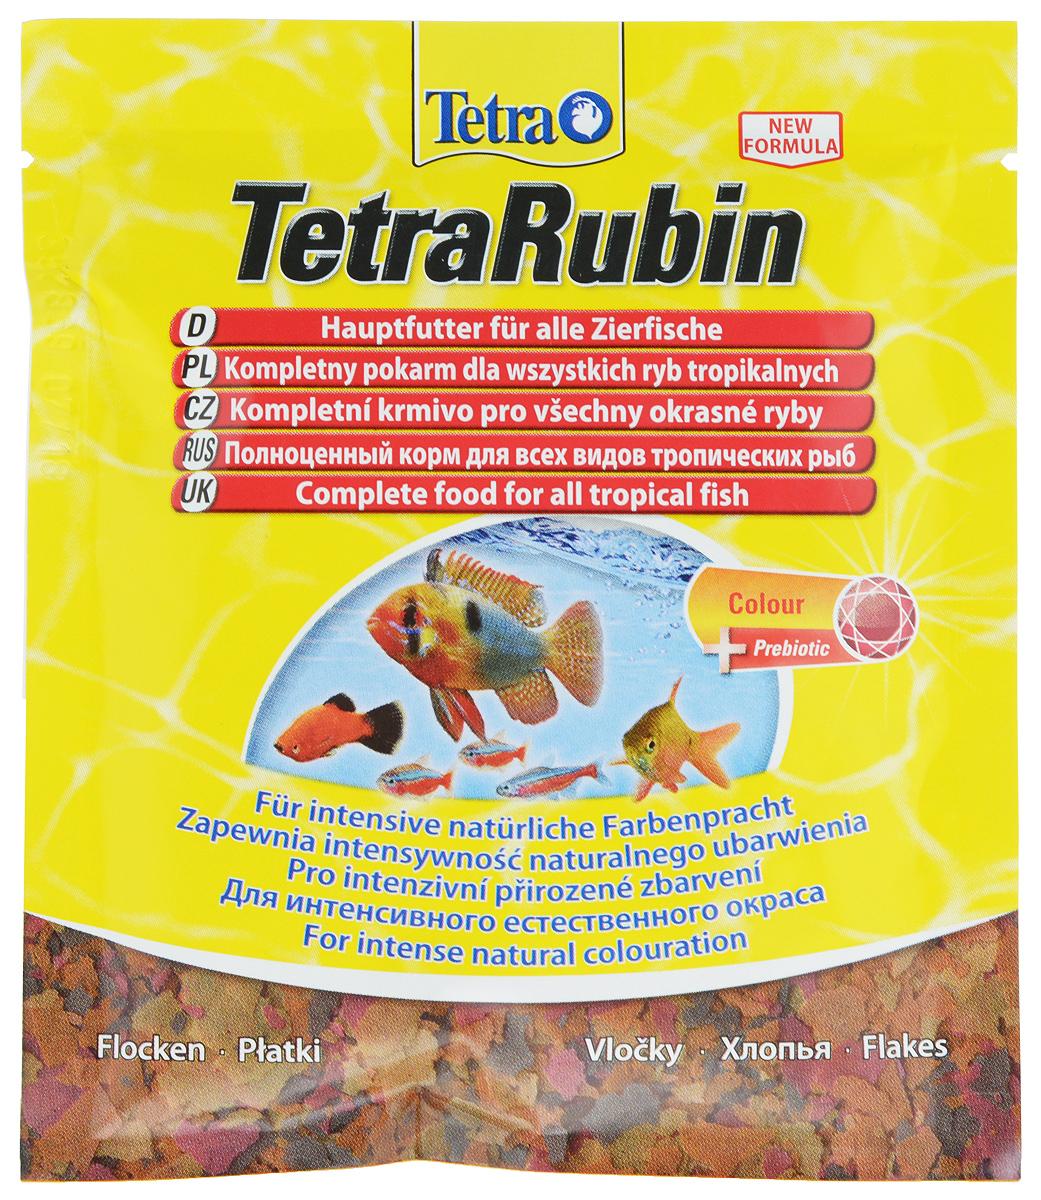 Корм Tetra TetraRubin для улучшения окраса всех видов тропических рыб, 12 г766396Корм Tetra TetraRubin - биологически сбалансированный корм в виде хлопьев с натуральными добавками для усиления естественной окраски рыб. Высокое содержание усилителей естественного цвета и специальных ингредиентов обеспечивает красивый окрас для всех красных, оранжевых и желтых тропических рыб. Эффект усиления цвета заметен уже через две недели кормления. Корм содержит полноценный сбалансированный комплекс витаминов, питательных веществ и микроэлементов. Запатентованная БиоАктив-формула поддерживает работоспособность иммунной системы, обеспечивая высокую продолжительность жизни. Стабилизированный витамин С обеспечивает повышенную устойчивость организма рыбы к болезням, ускоряет рост и устраняет симптомы болезней, связанных с недоеданием. Кормить несколько раз в день небольшими порциями. Состав: рыба и побочные рыбные продукты, зерновые культуры, дрожжи, экстракты растительного белка, моллюски и раки, масла и жиры, сахар (олигофруктоза 0,9%), водоросли, минеральные вещества. Аналитические компоненты: сырой белок 46%, сырые масла и жиры 11%, сырая клетчатка 2%, влага 6%. Добавки: витамины, провитамины и химические вещества с аналогичным воздействием: витамин А 40820 МЕ/кг, витамин Д3 2320 МЕ/кг. Комбинации микроэлементов: Е5 марганец 78 мг/кг, Е6 цинк 46 мг/кг, Е1 железо 30 мг/кг. Красители, антиоксиданты. Товар сертифицирован.